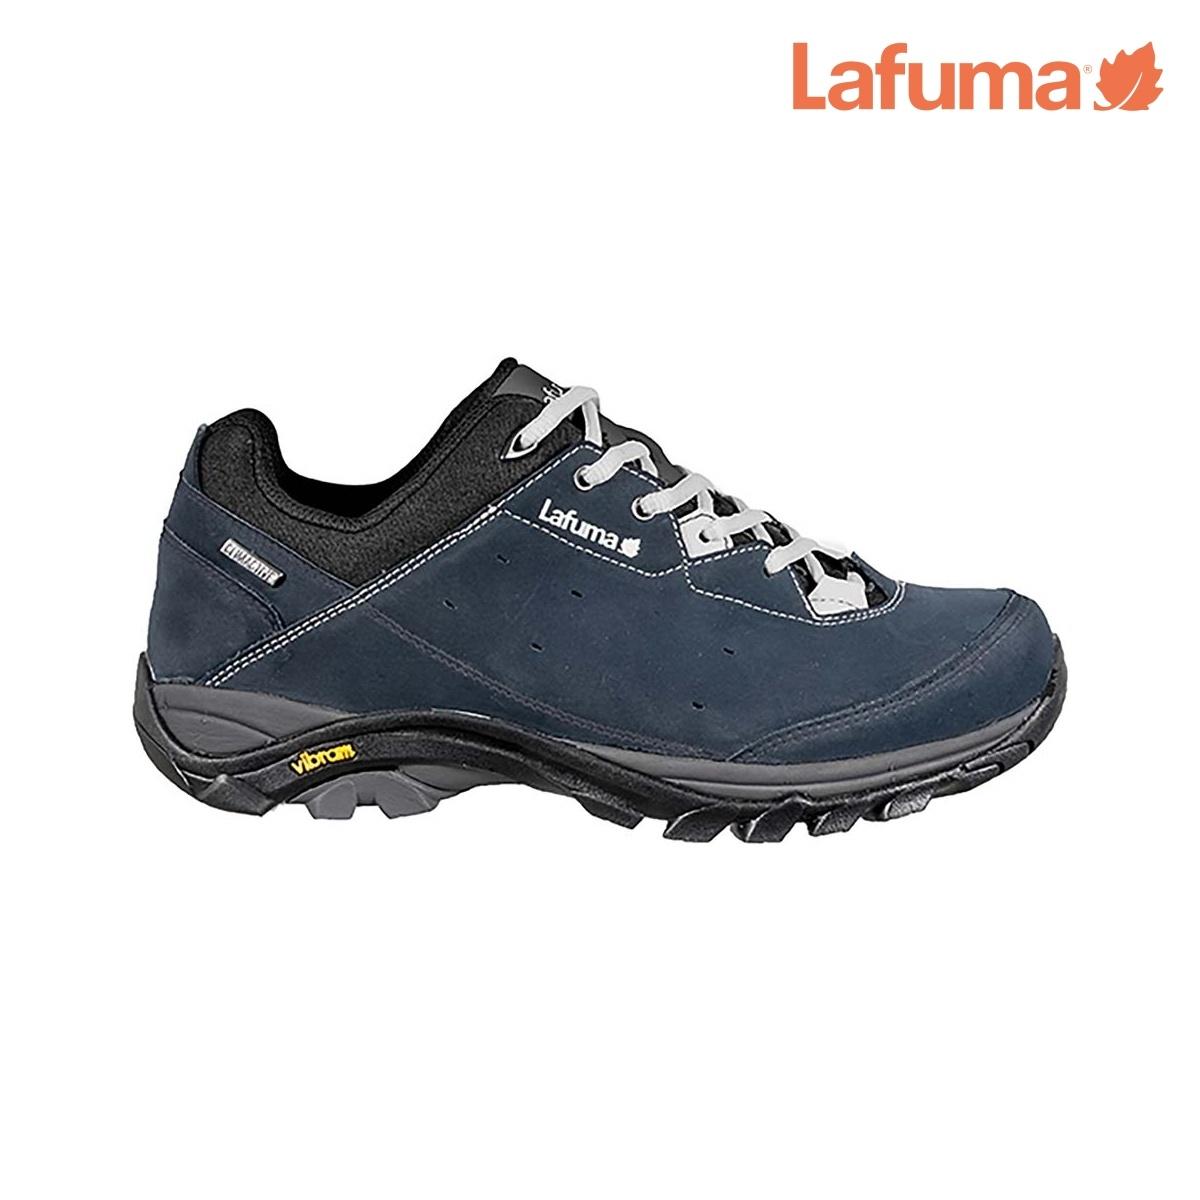 Dámské boty Lafuma - ANETO LOW CLIMACTIVE – tm.modrá  4216174b7f